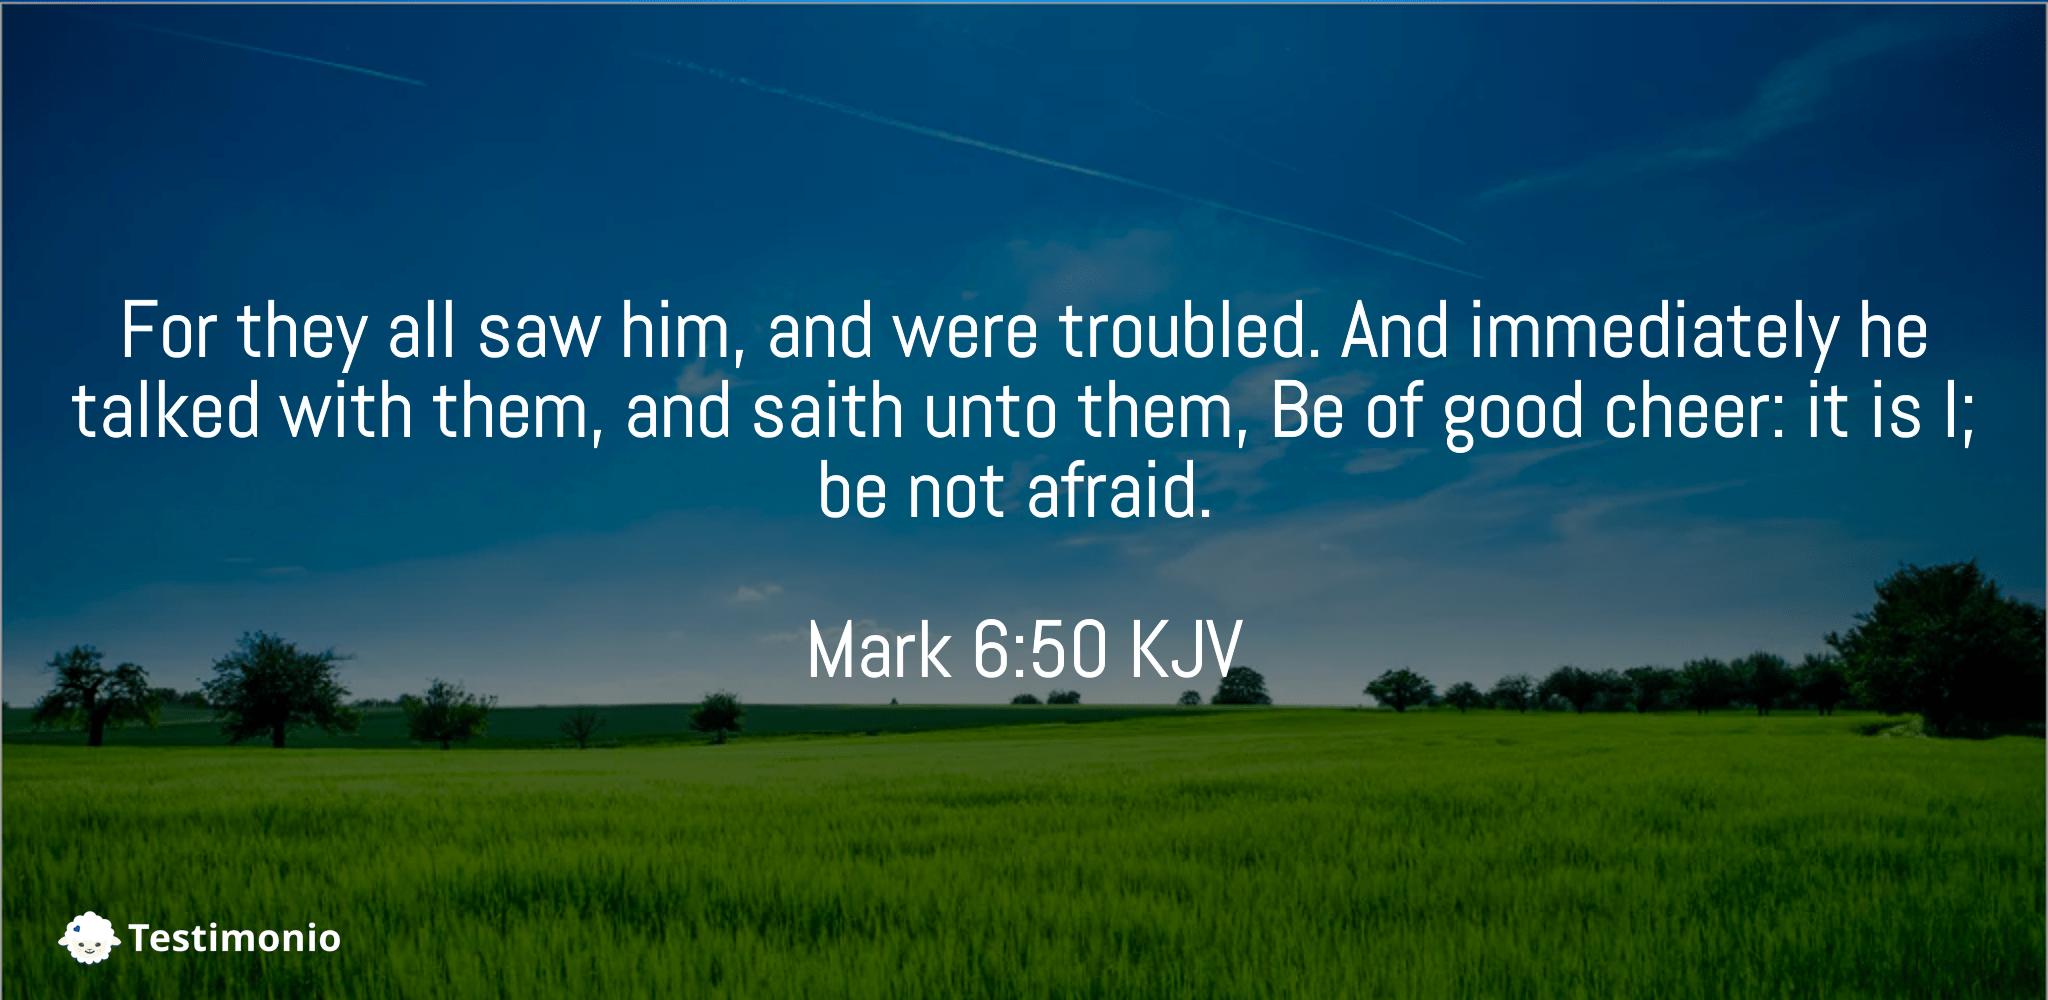 Mark 6:50